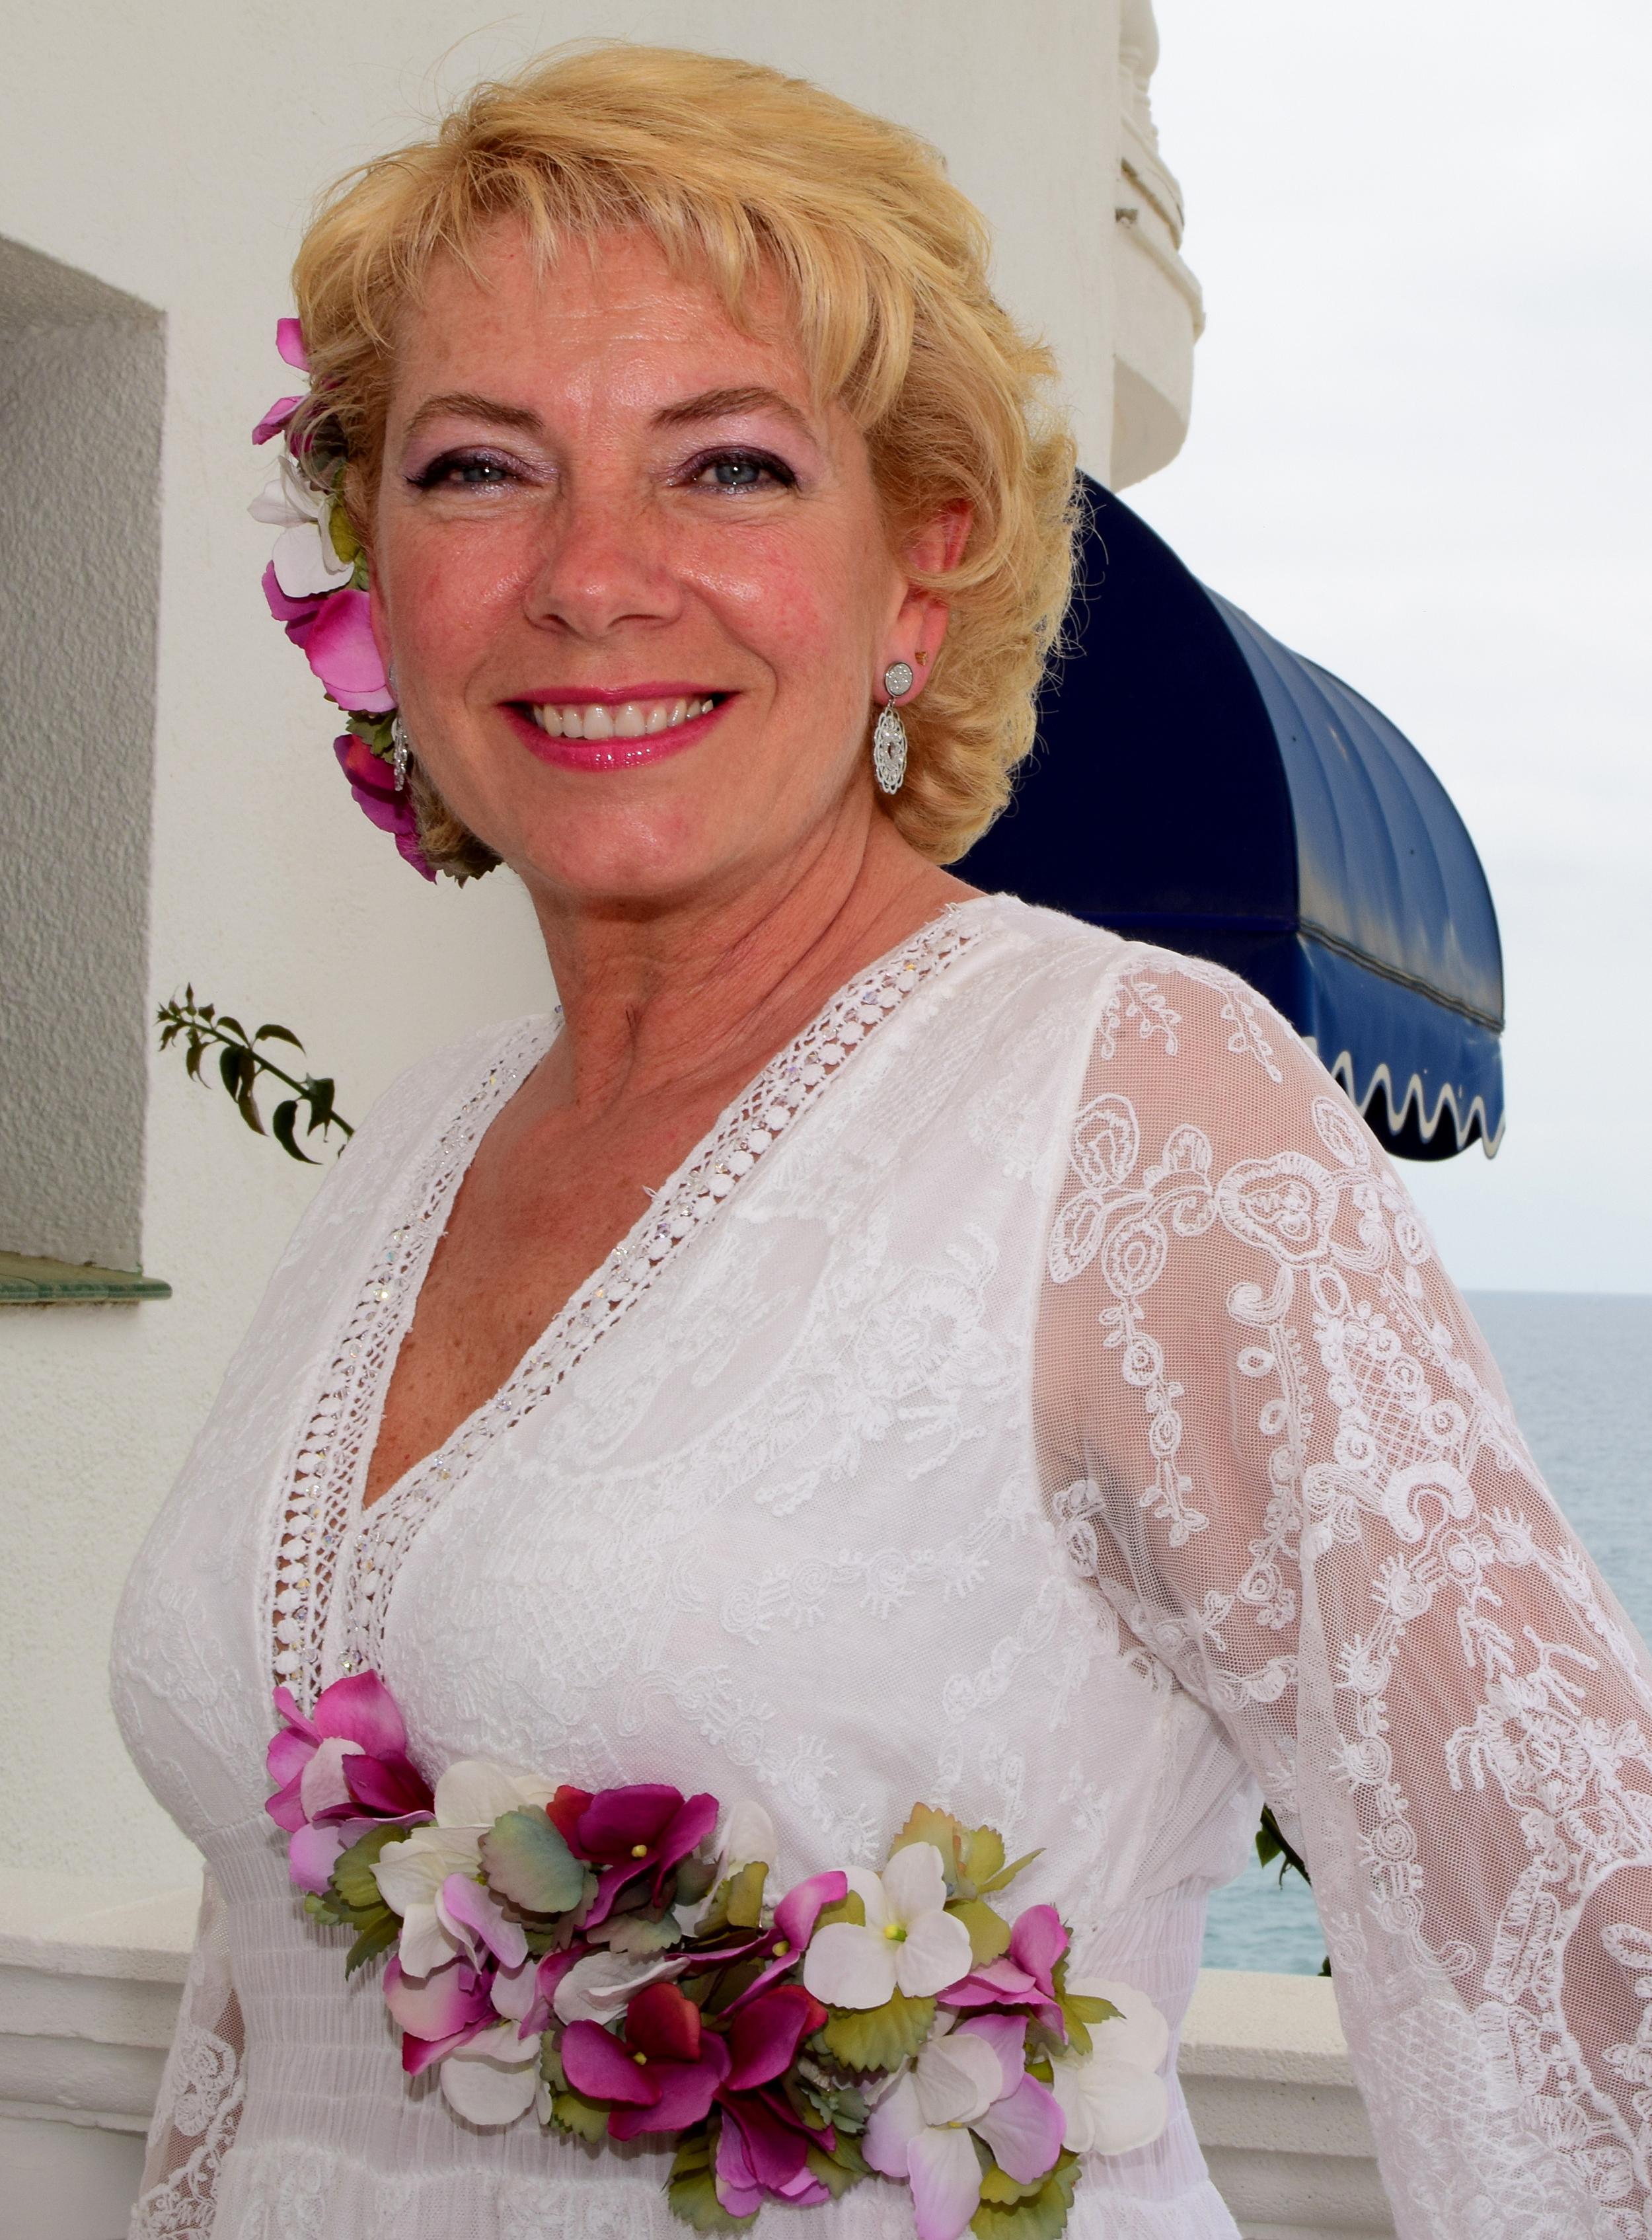 Reportaje fotográfico de la boda realizada en el hotel Costa Brava de Platja d'Aro